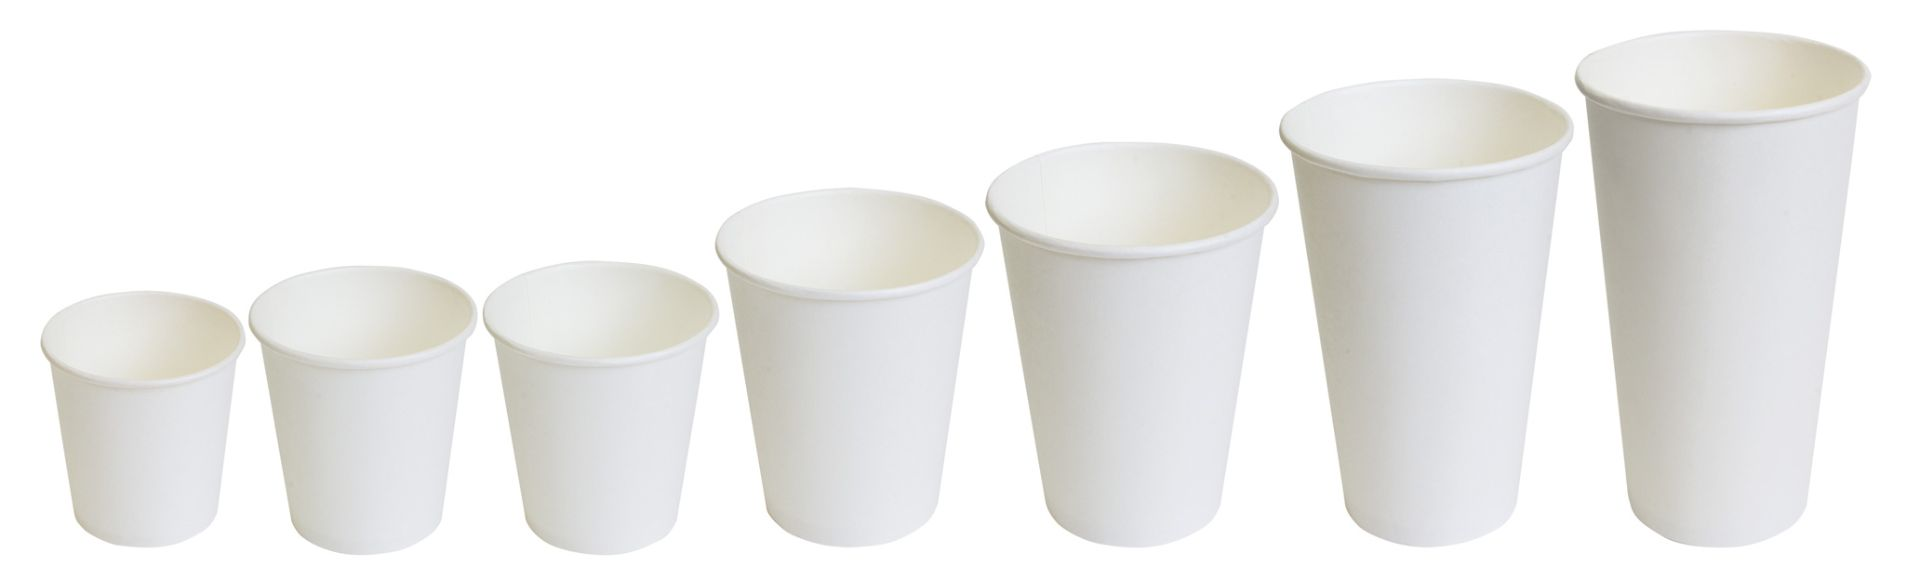 Бумажные стаканы белые